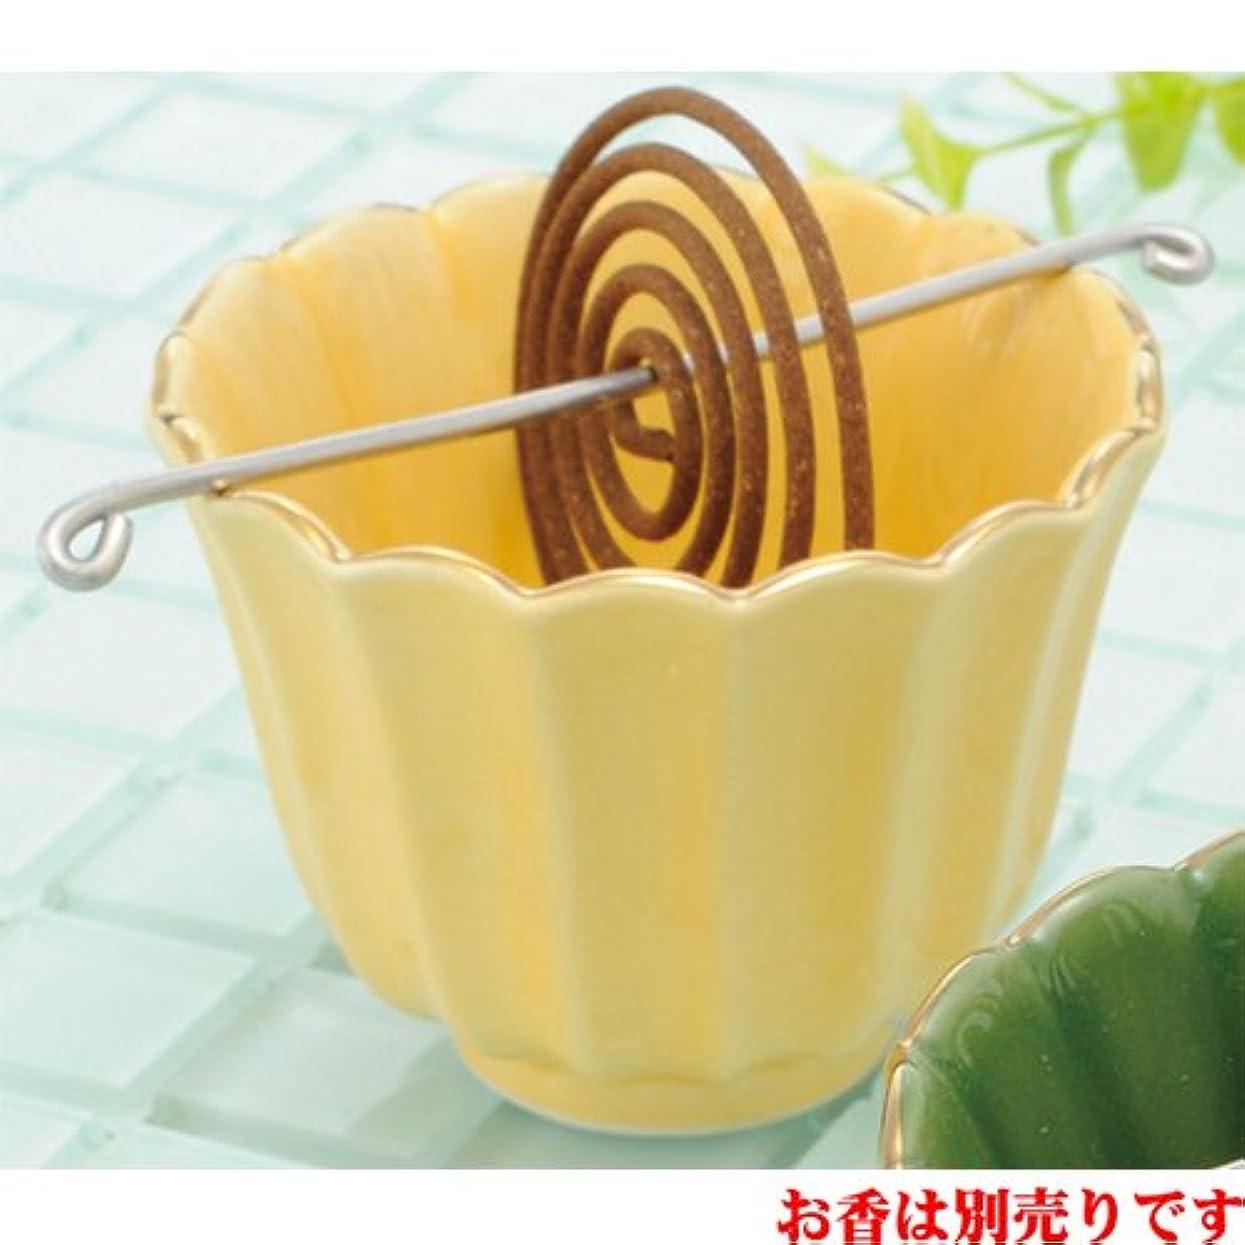 好む男うなる香皿 菊型 香鉢(黄) [R8xH6.3cm] プレゼント ギフト 和食器 かわいい インテリア